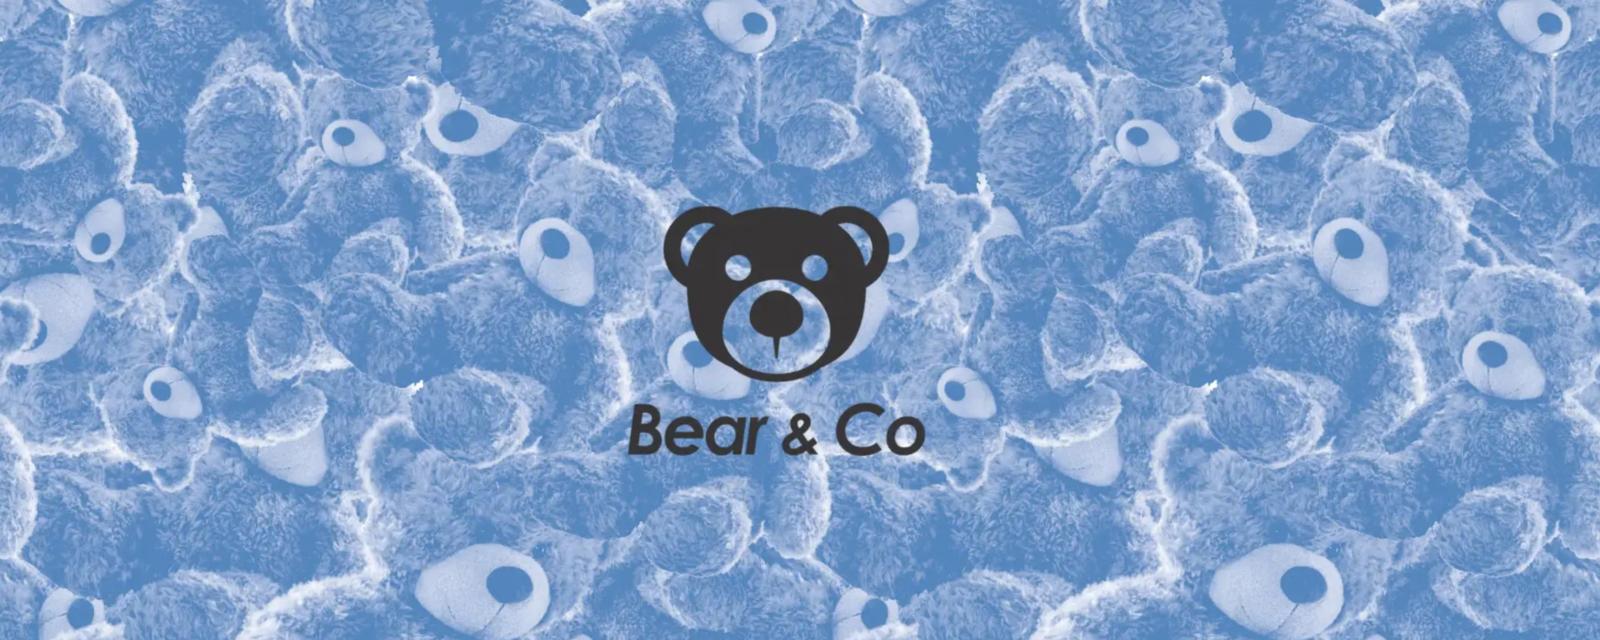 Bear & Co